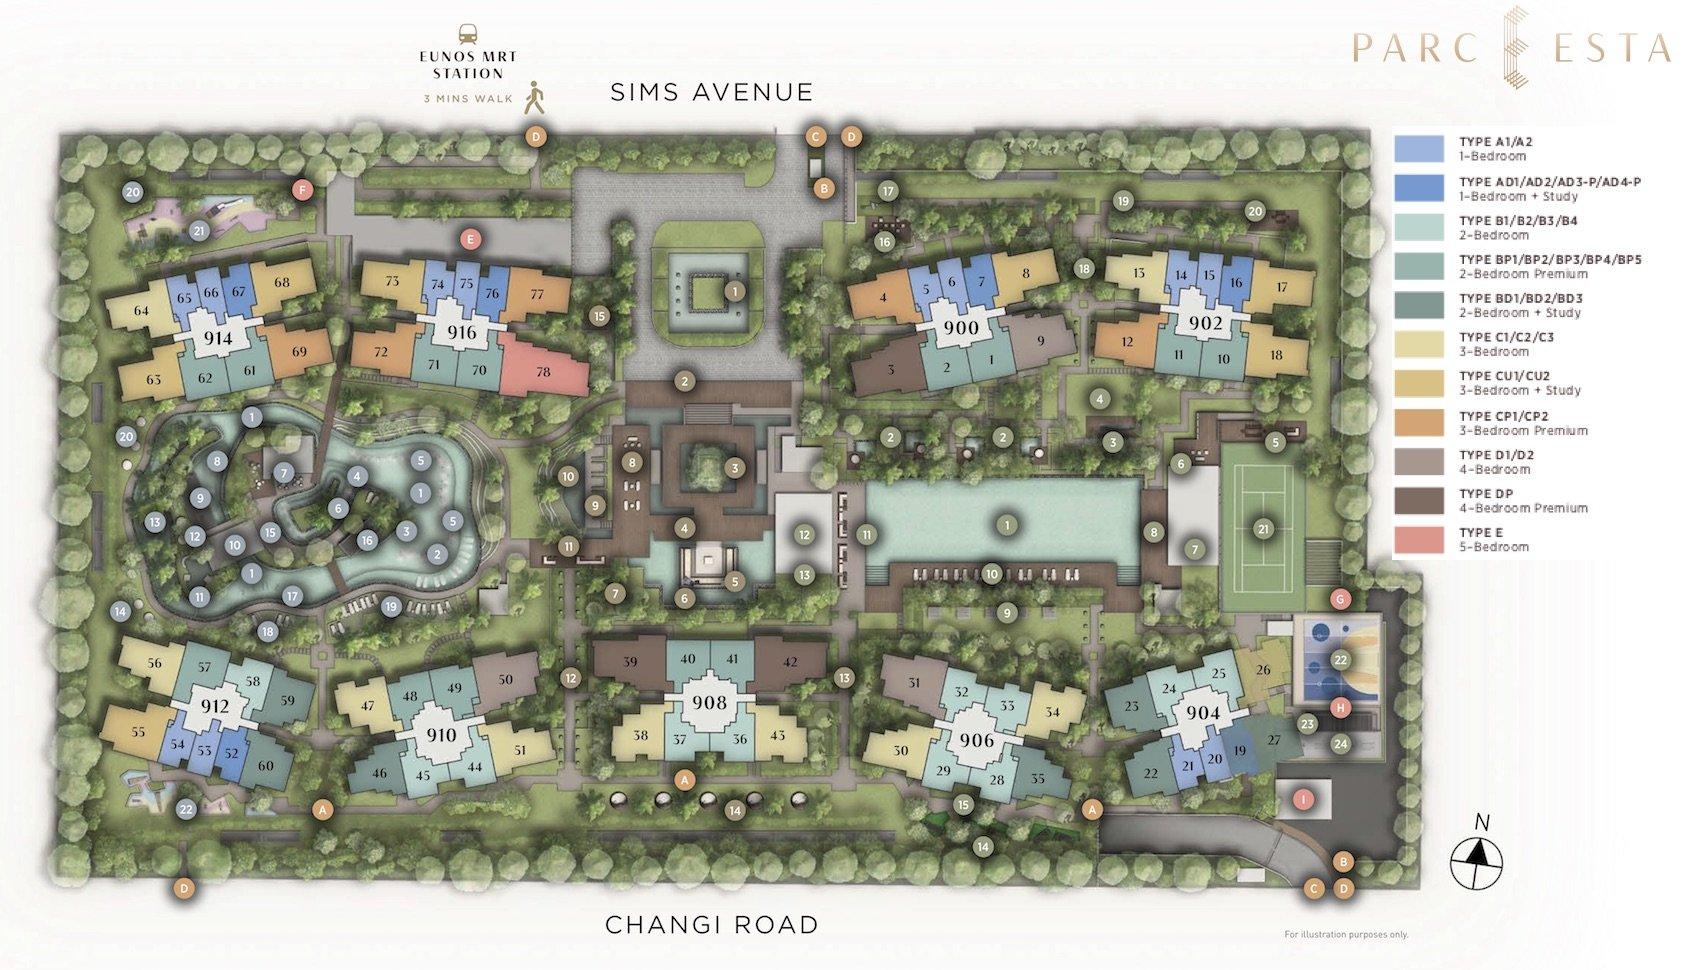 Parc Esta 东景苑 site plan and unit mix